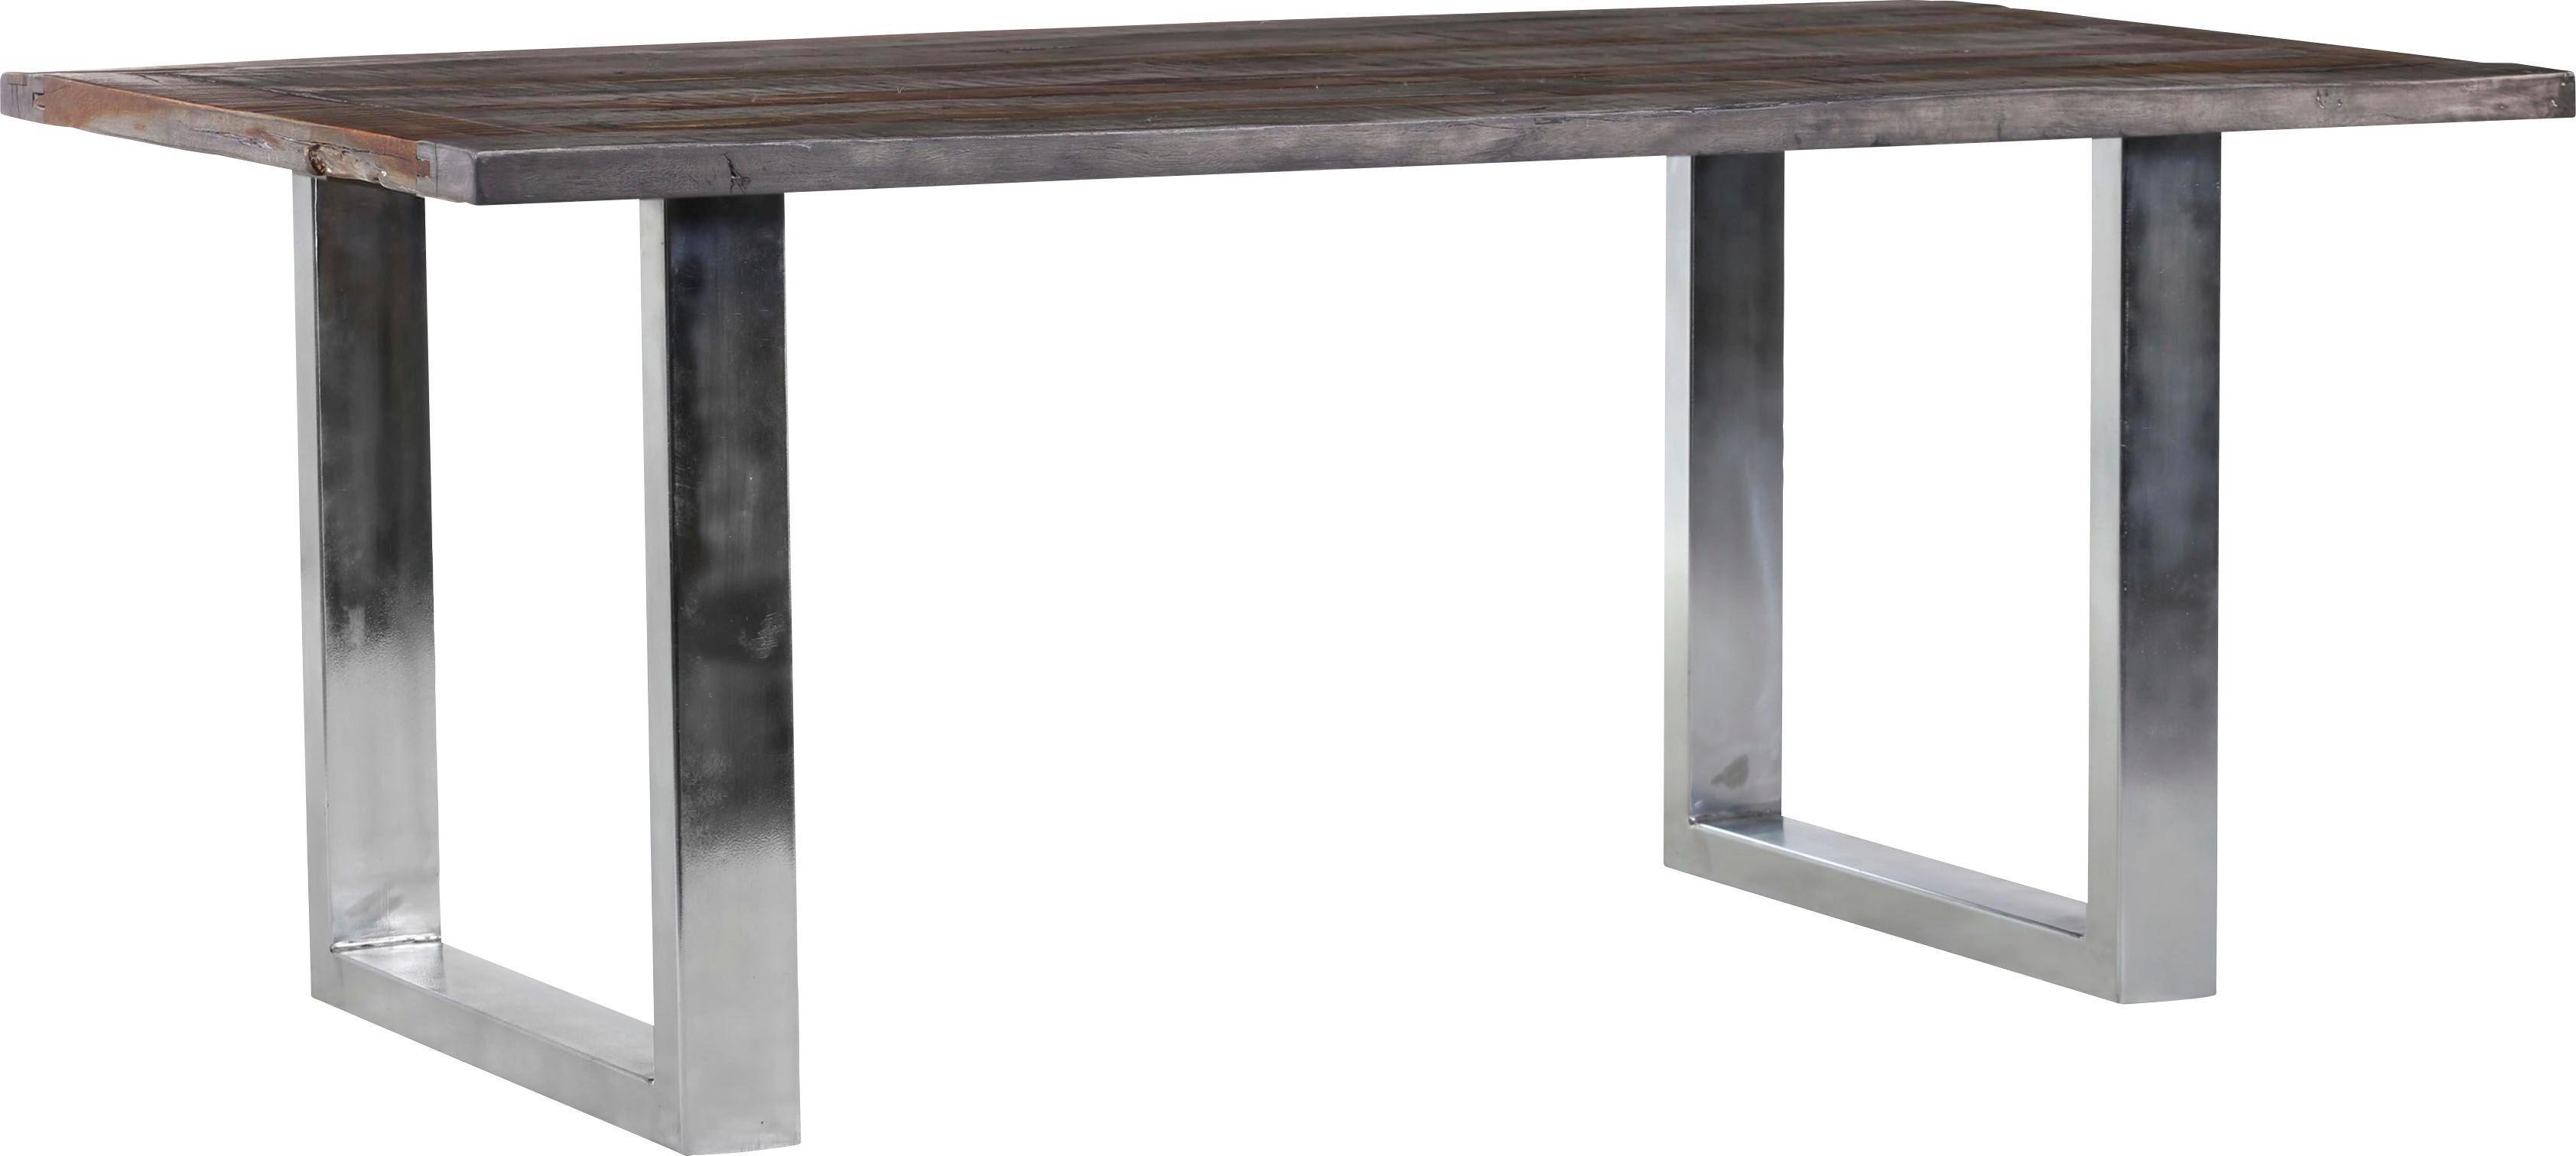 Berühmt Bauernhof Stil Küchenspüle Ikea Galerie - Ideen Für Die ...